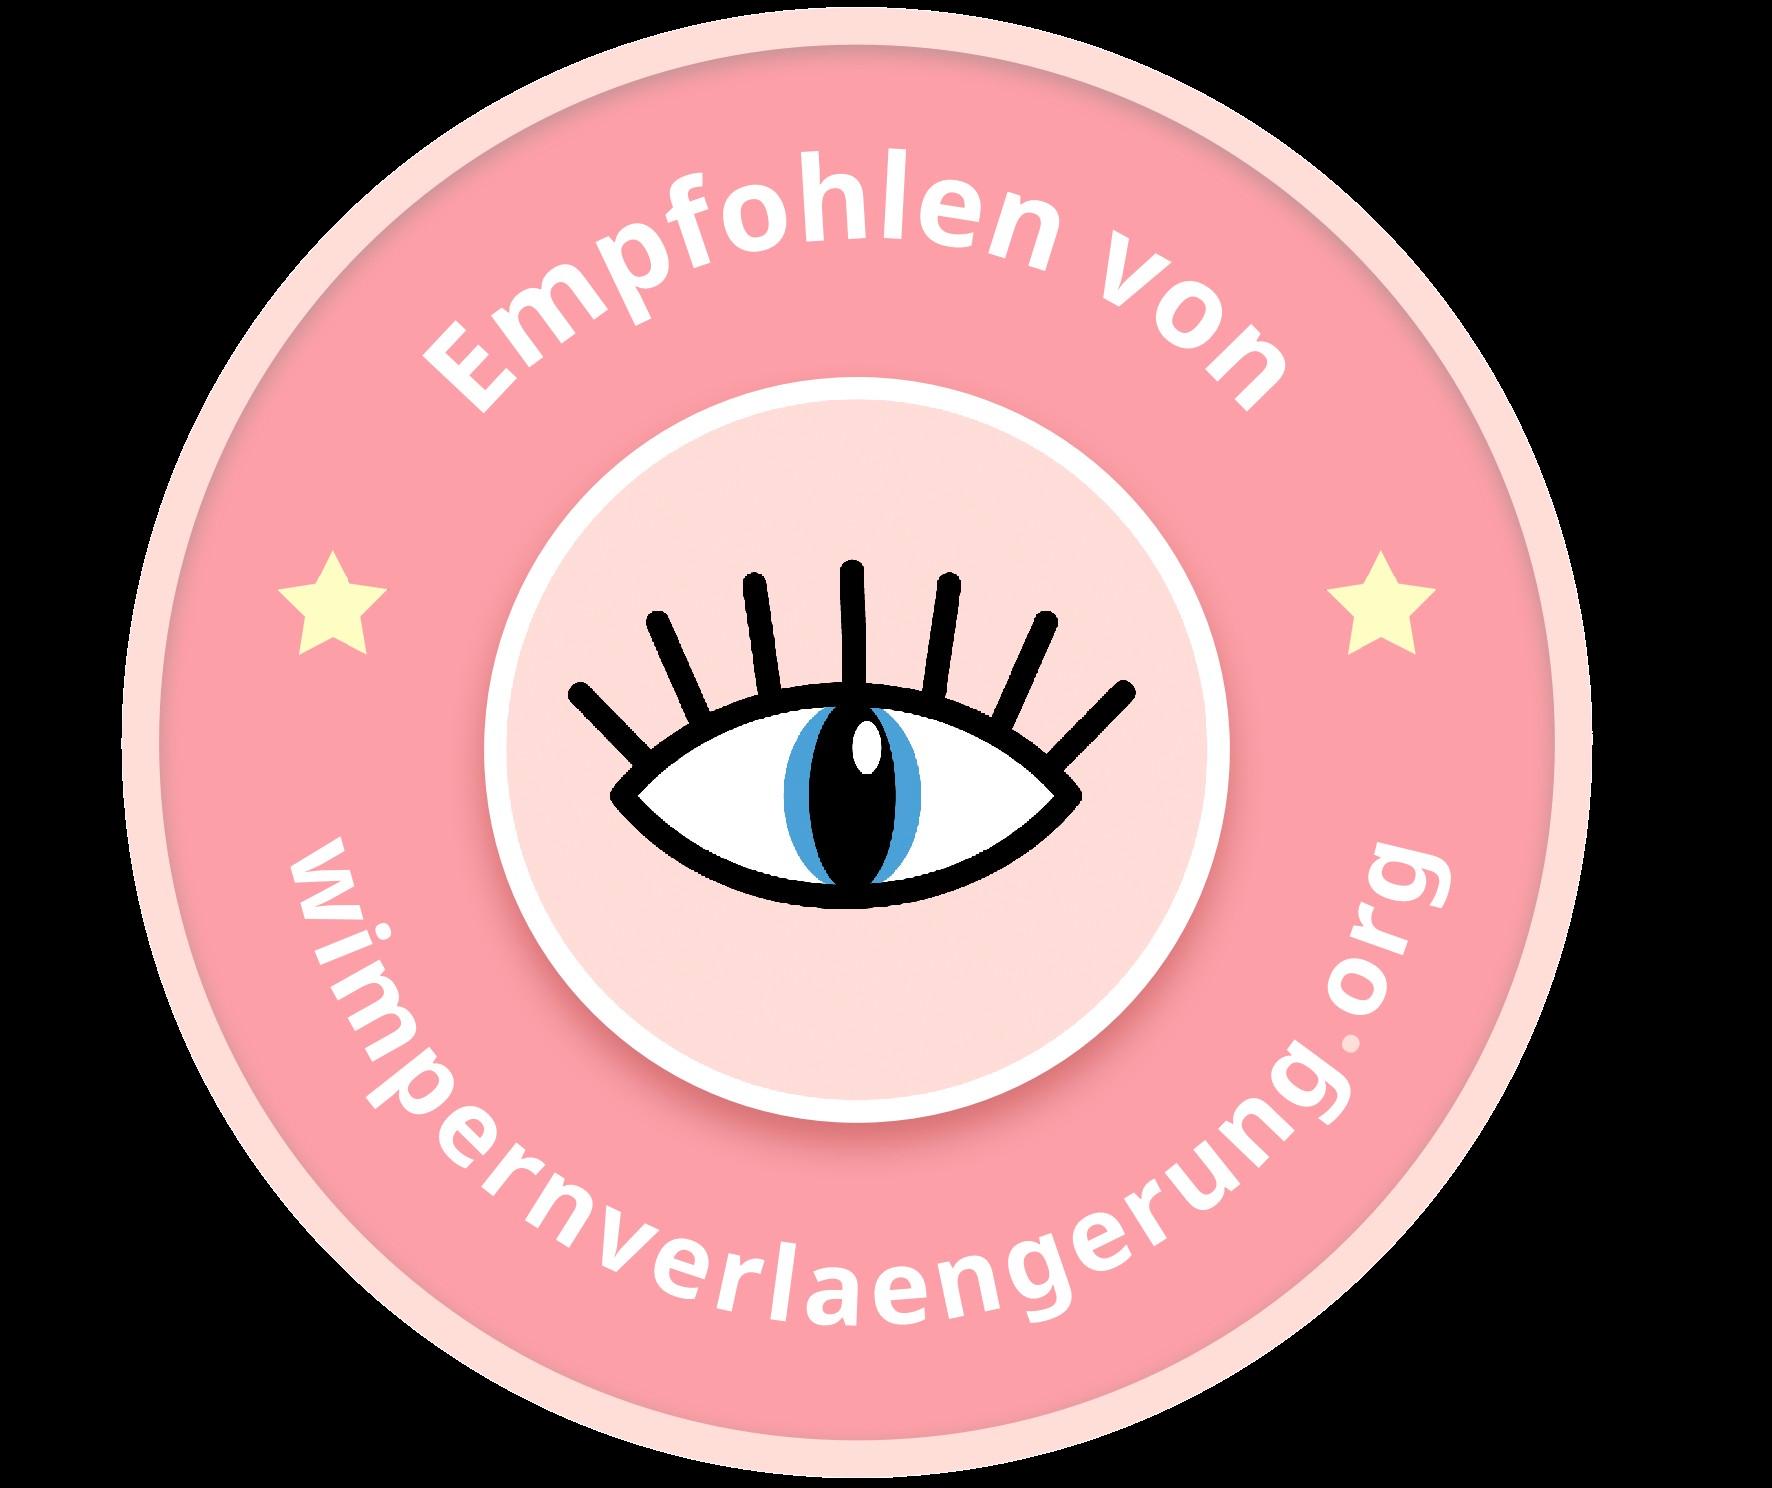 Logo wimpernverlaengerung.org